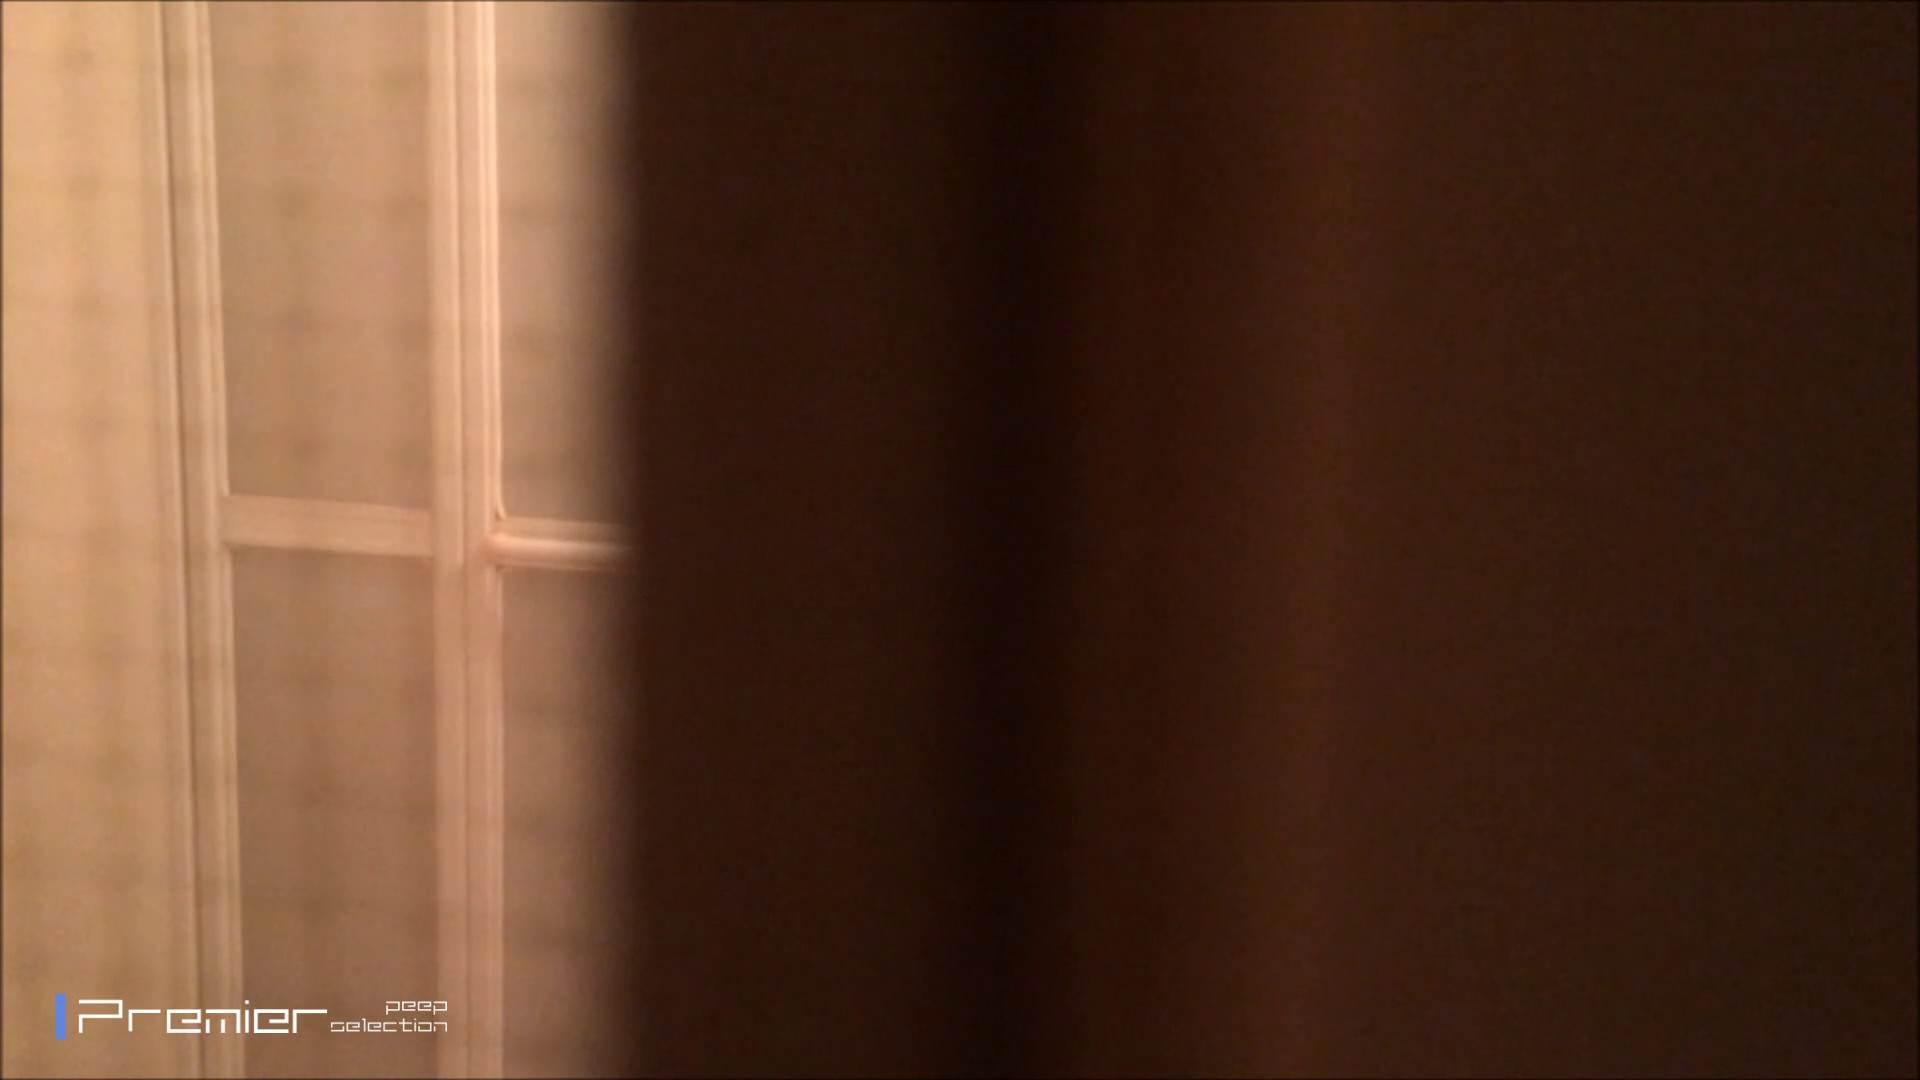 シャワーのお湯を跳ね返すお肌 乙女の風呂場 Vol.03 モデルコレクション | 乙女達のヌード  44連発 6